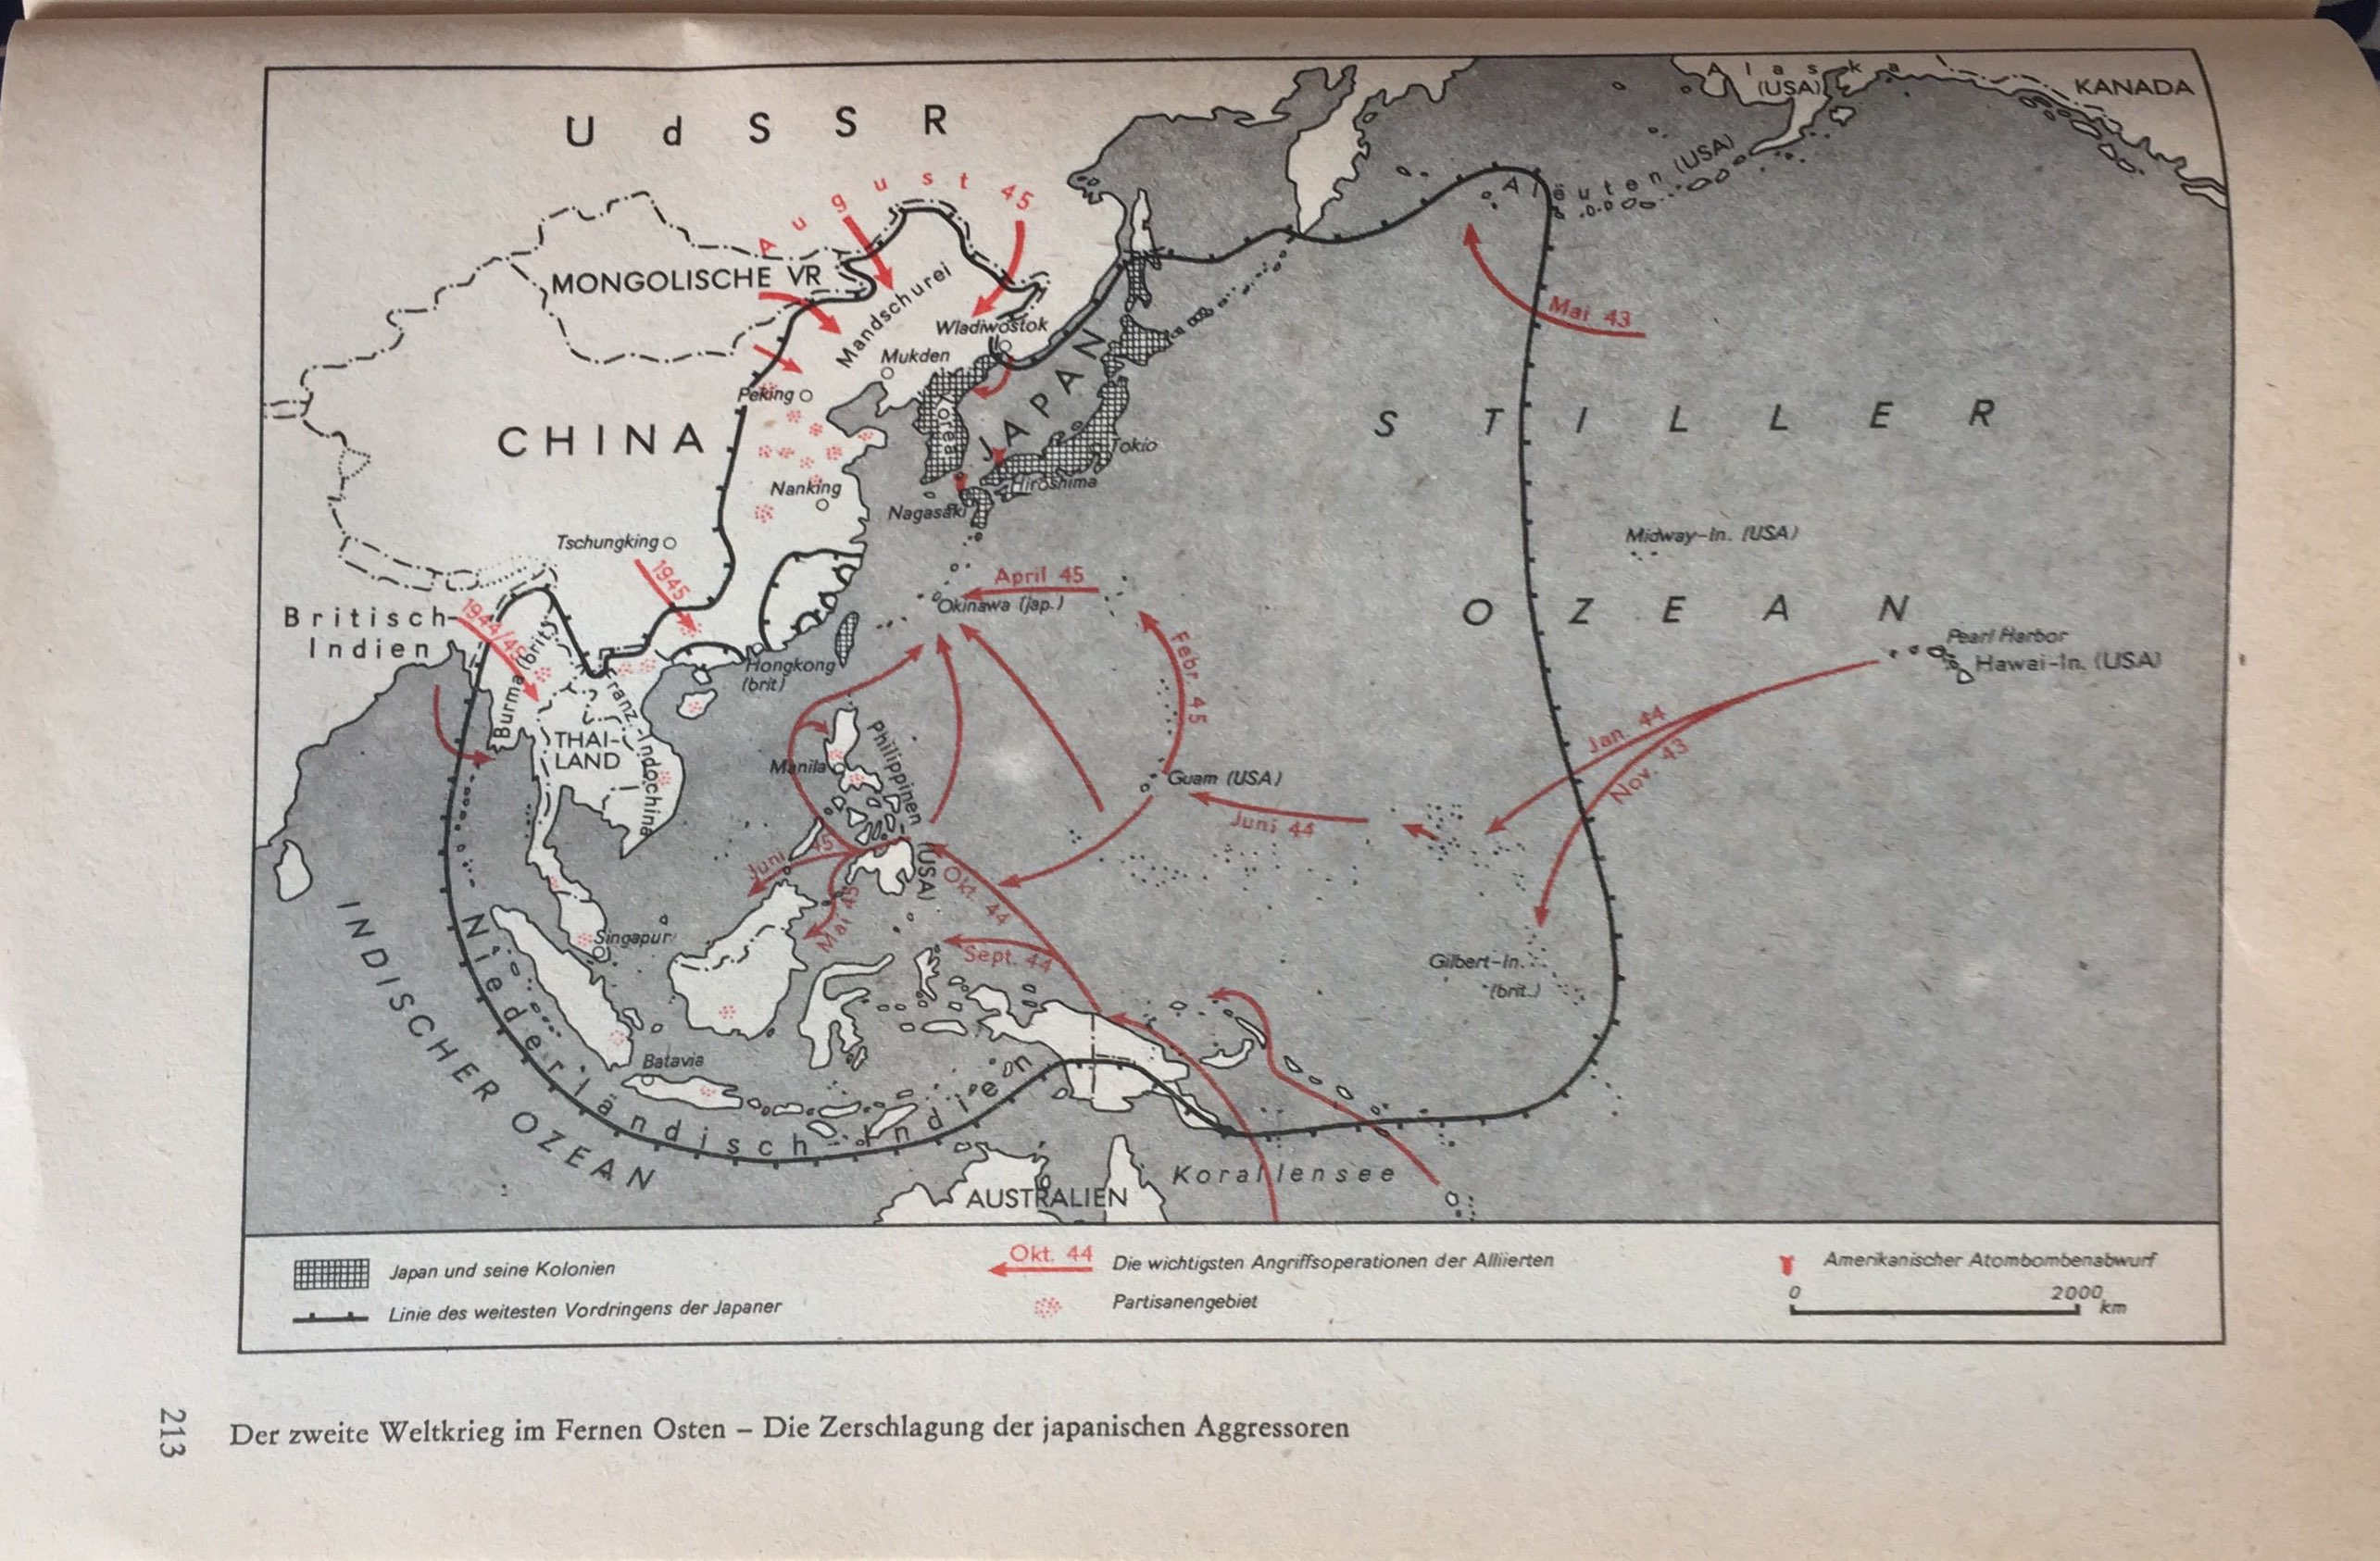 Der II. Weltkrieg im fernen Osten